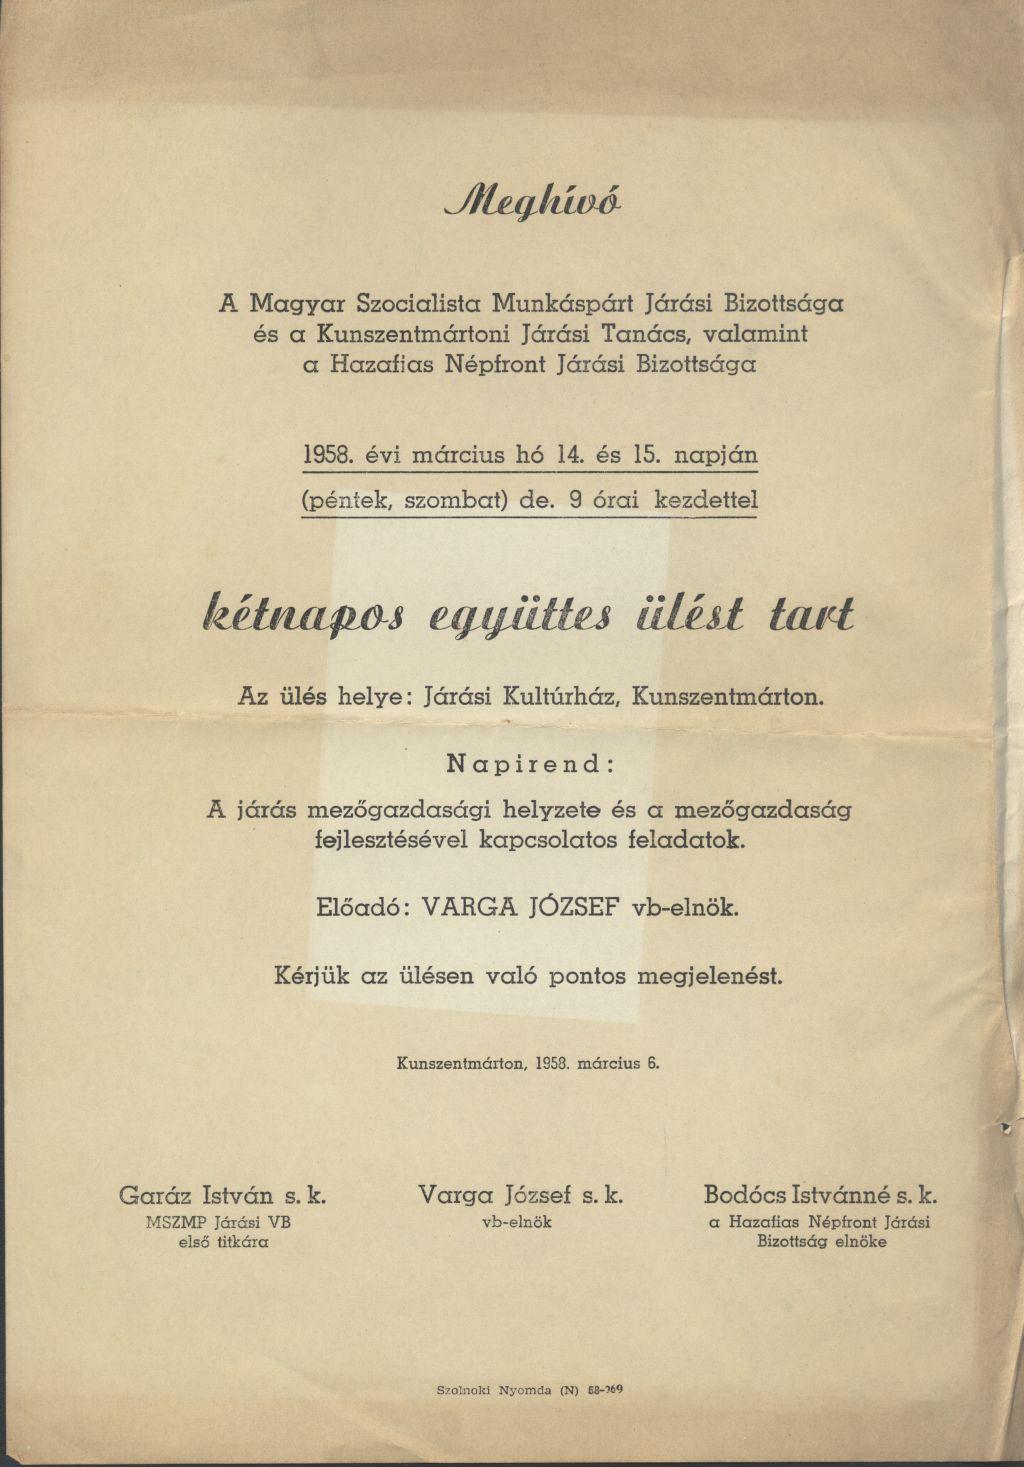 Magyar Szocialista Munkáspárt Járási Bizottsága és a kunszentmártoni Járási Tanács, valamint a Hazafias Népfront Járási Bizottsága kétnapos együttes ülést tart 1958. március 14-15. között